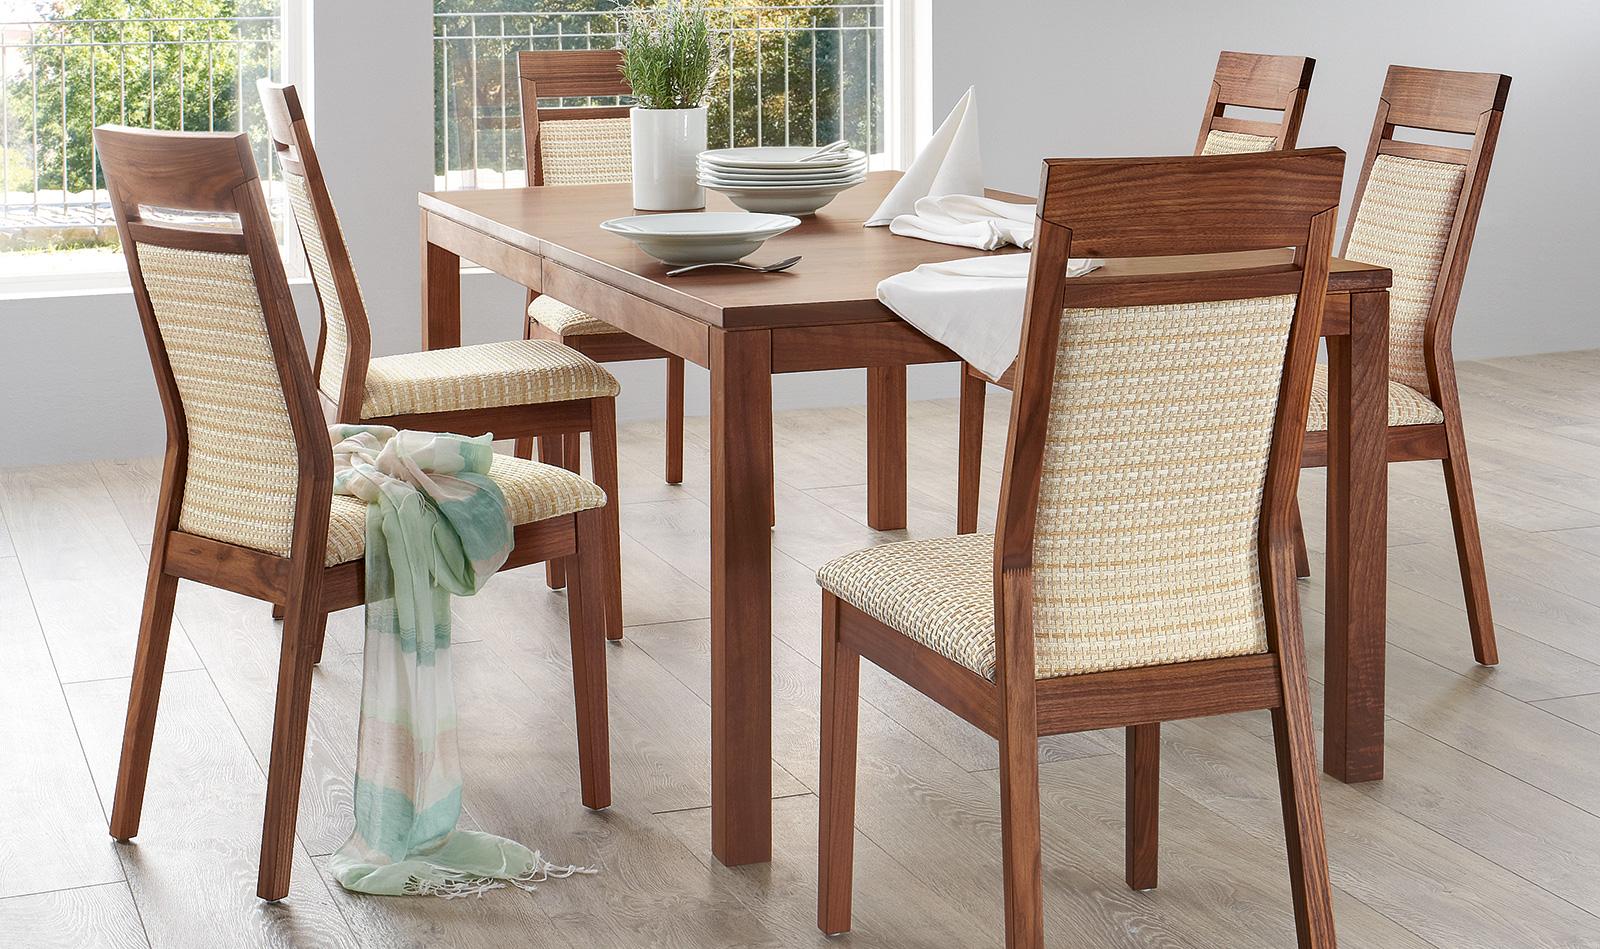 venjakob stuhl lilli moderner stuhl derby antik stoff grau vintage gestell matt schwarz. Black Bedroom Furniture Sets. Home Design Ideas